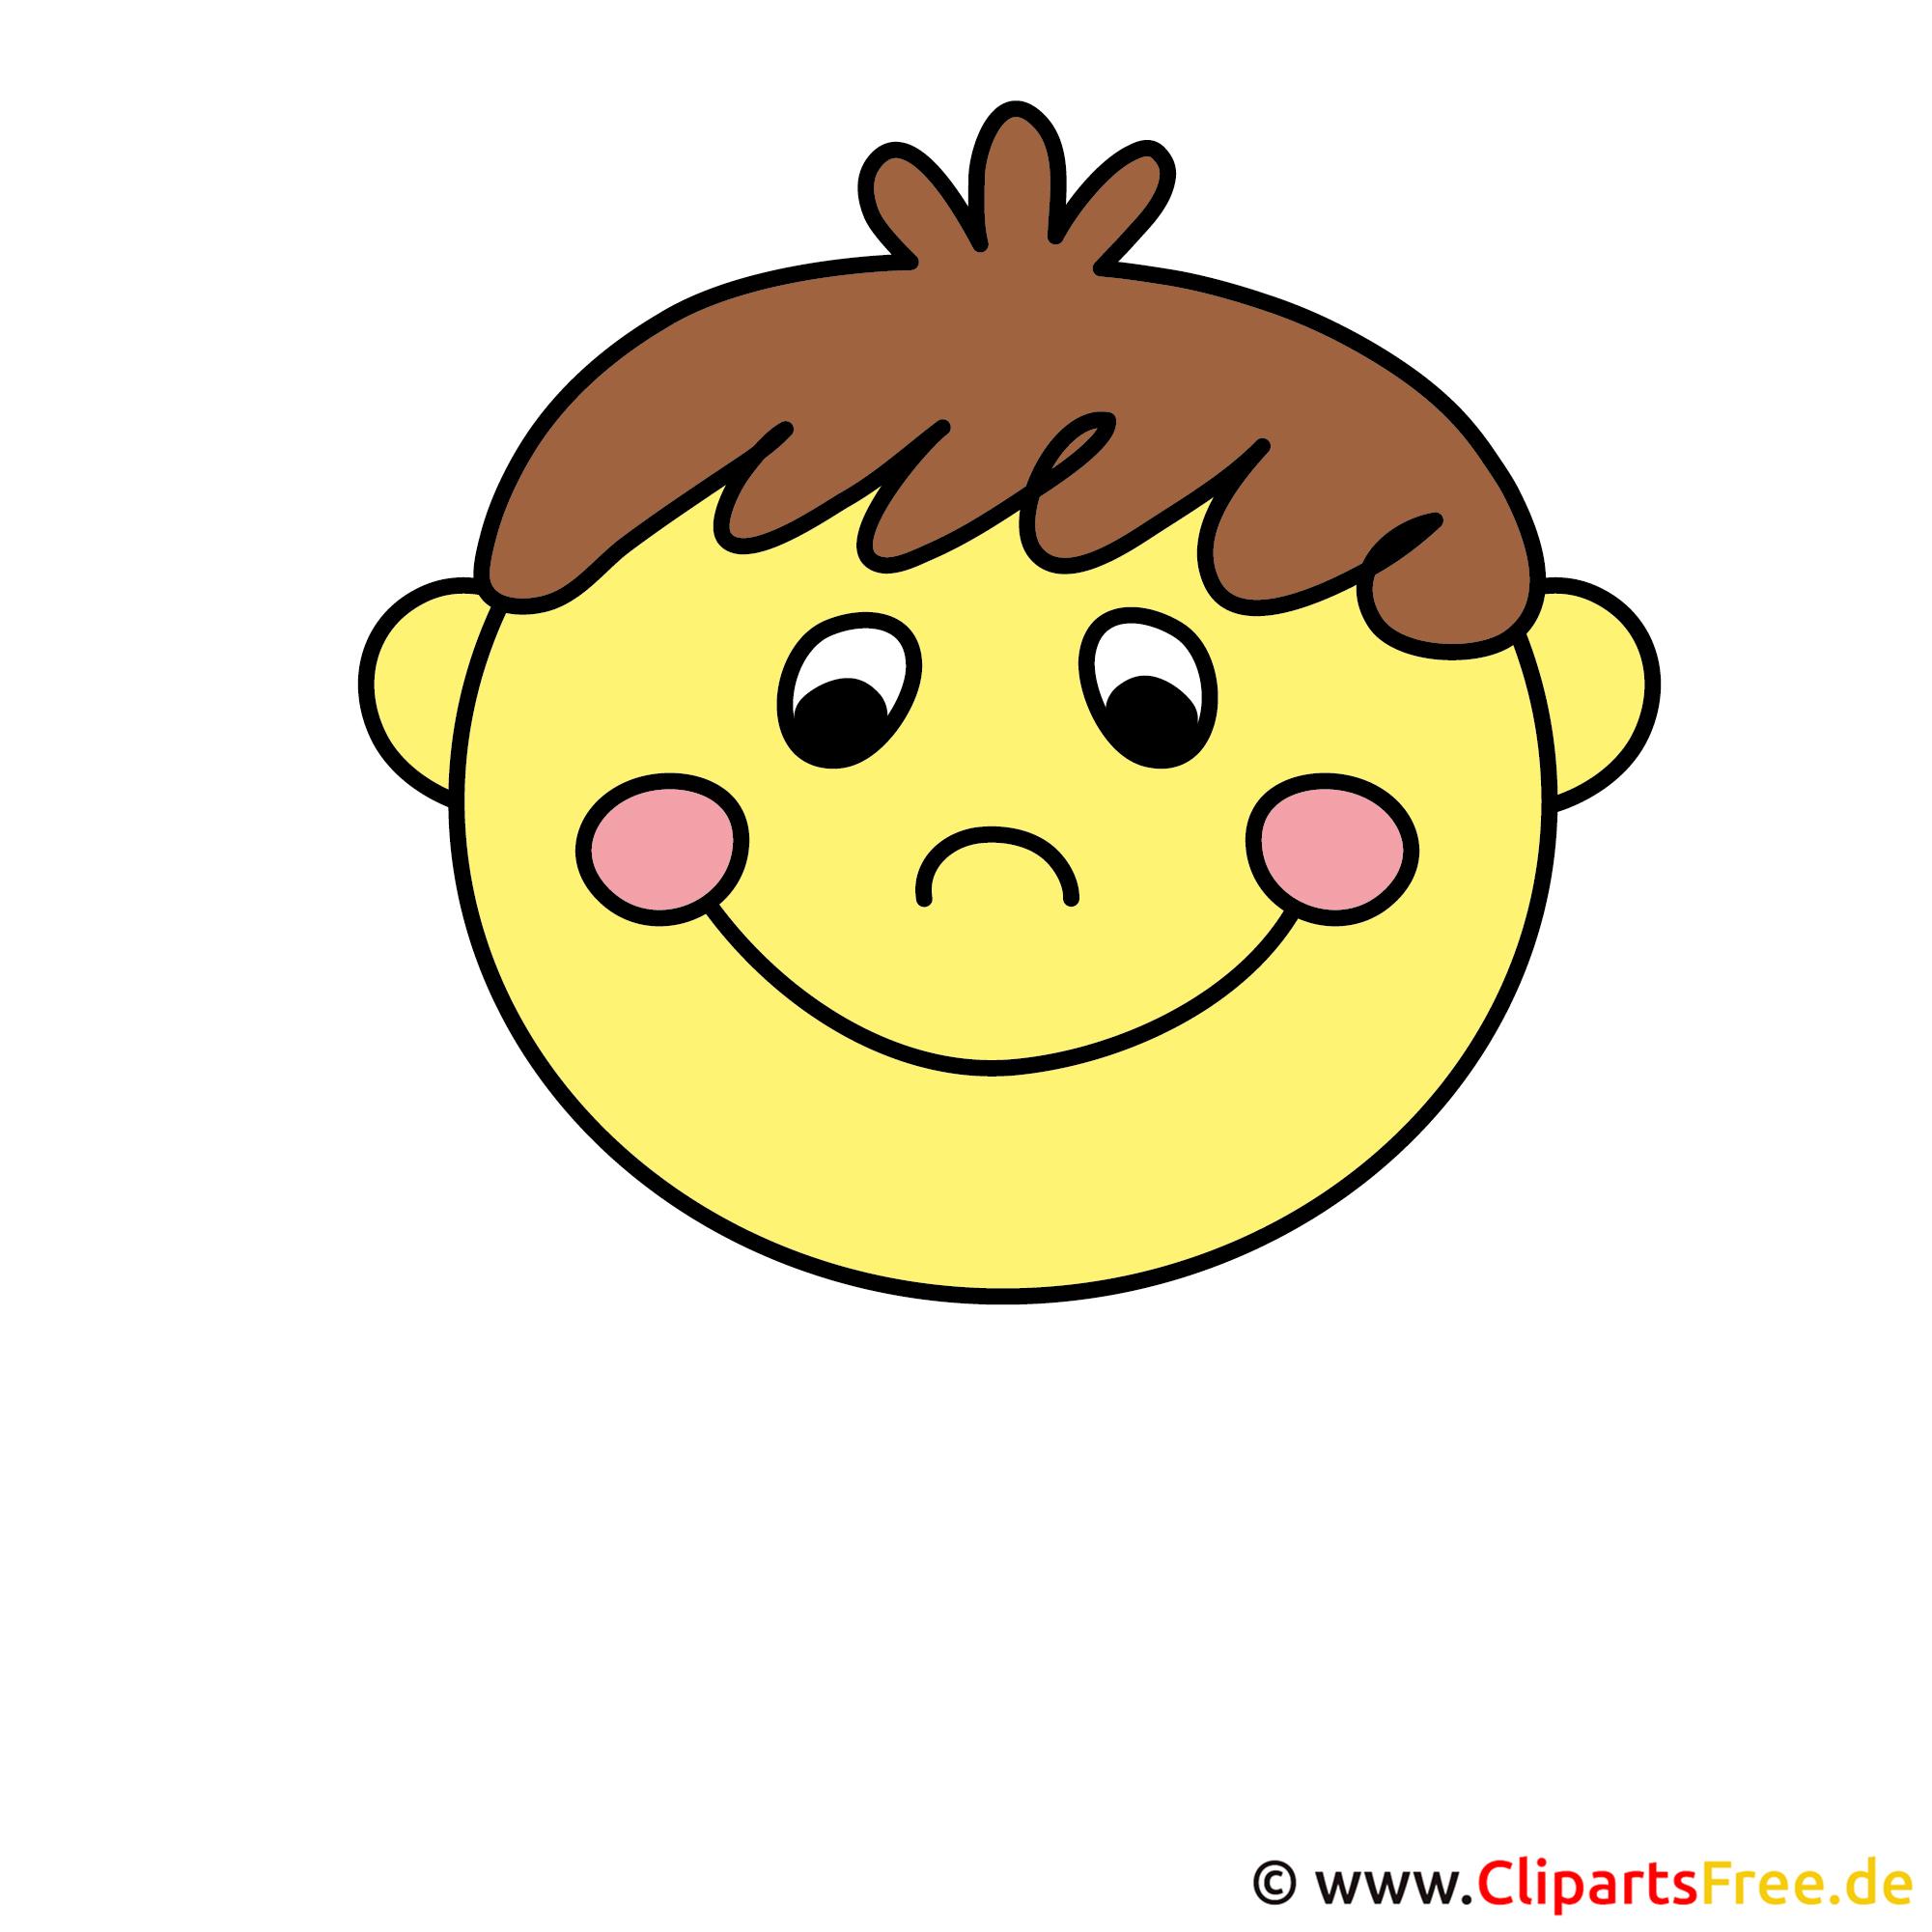 Download Emoticons (for Skype) 1.0.0.115 - softpedia.com